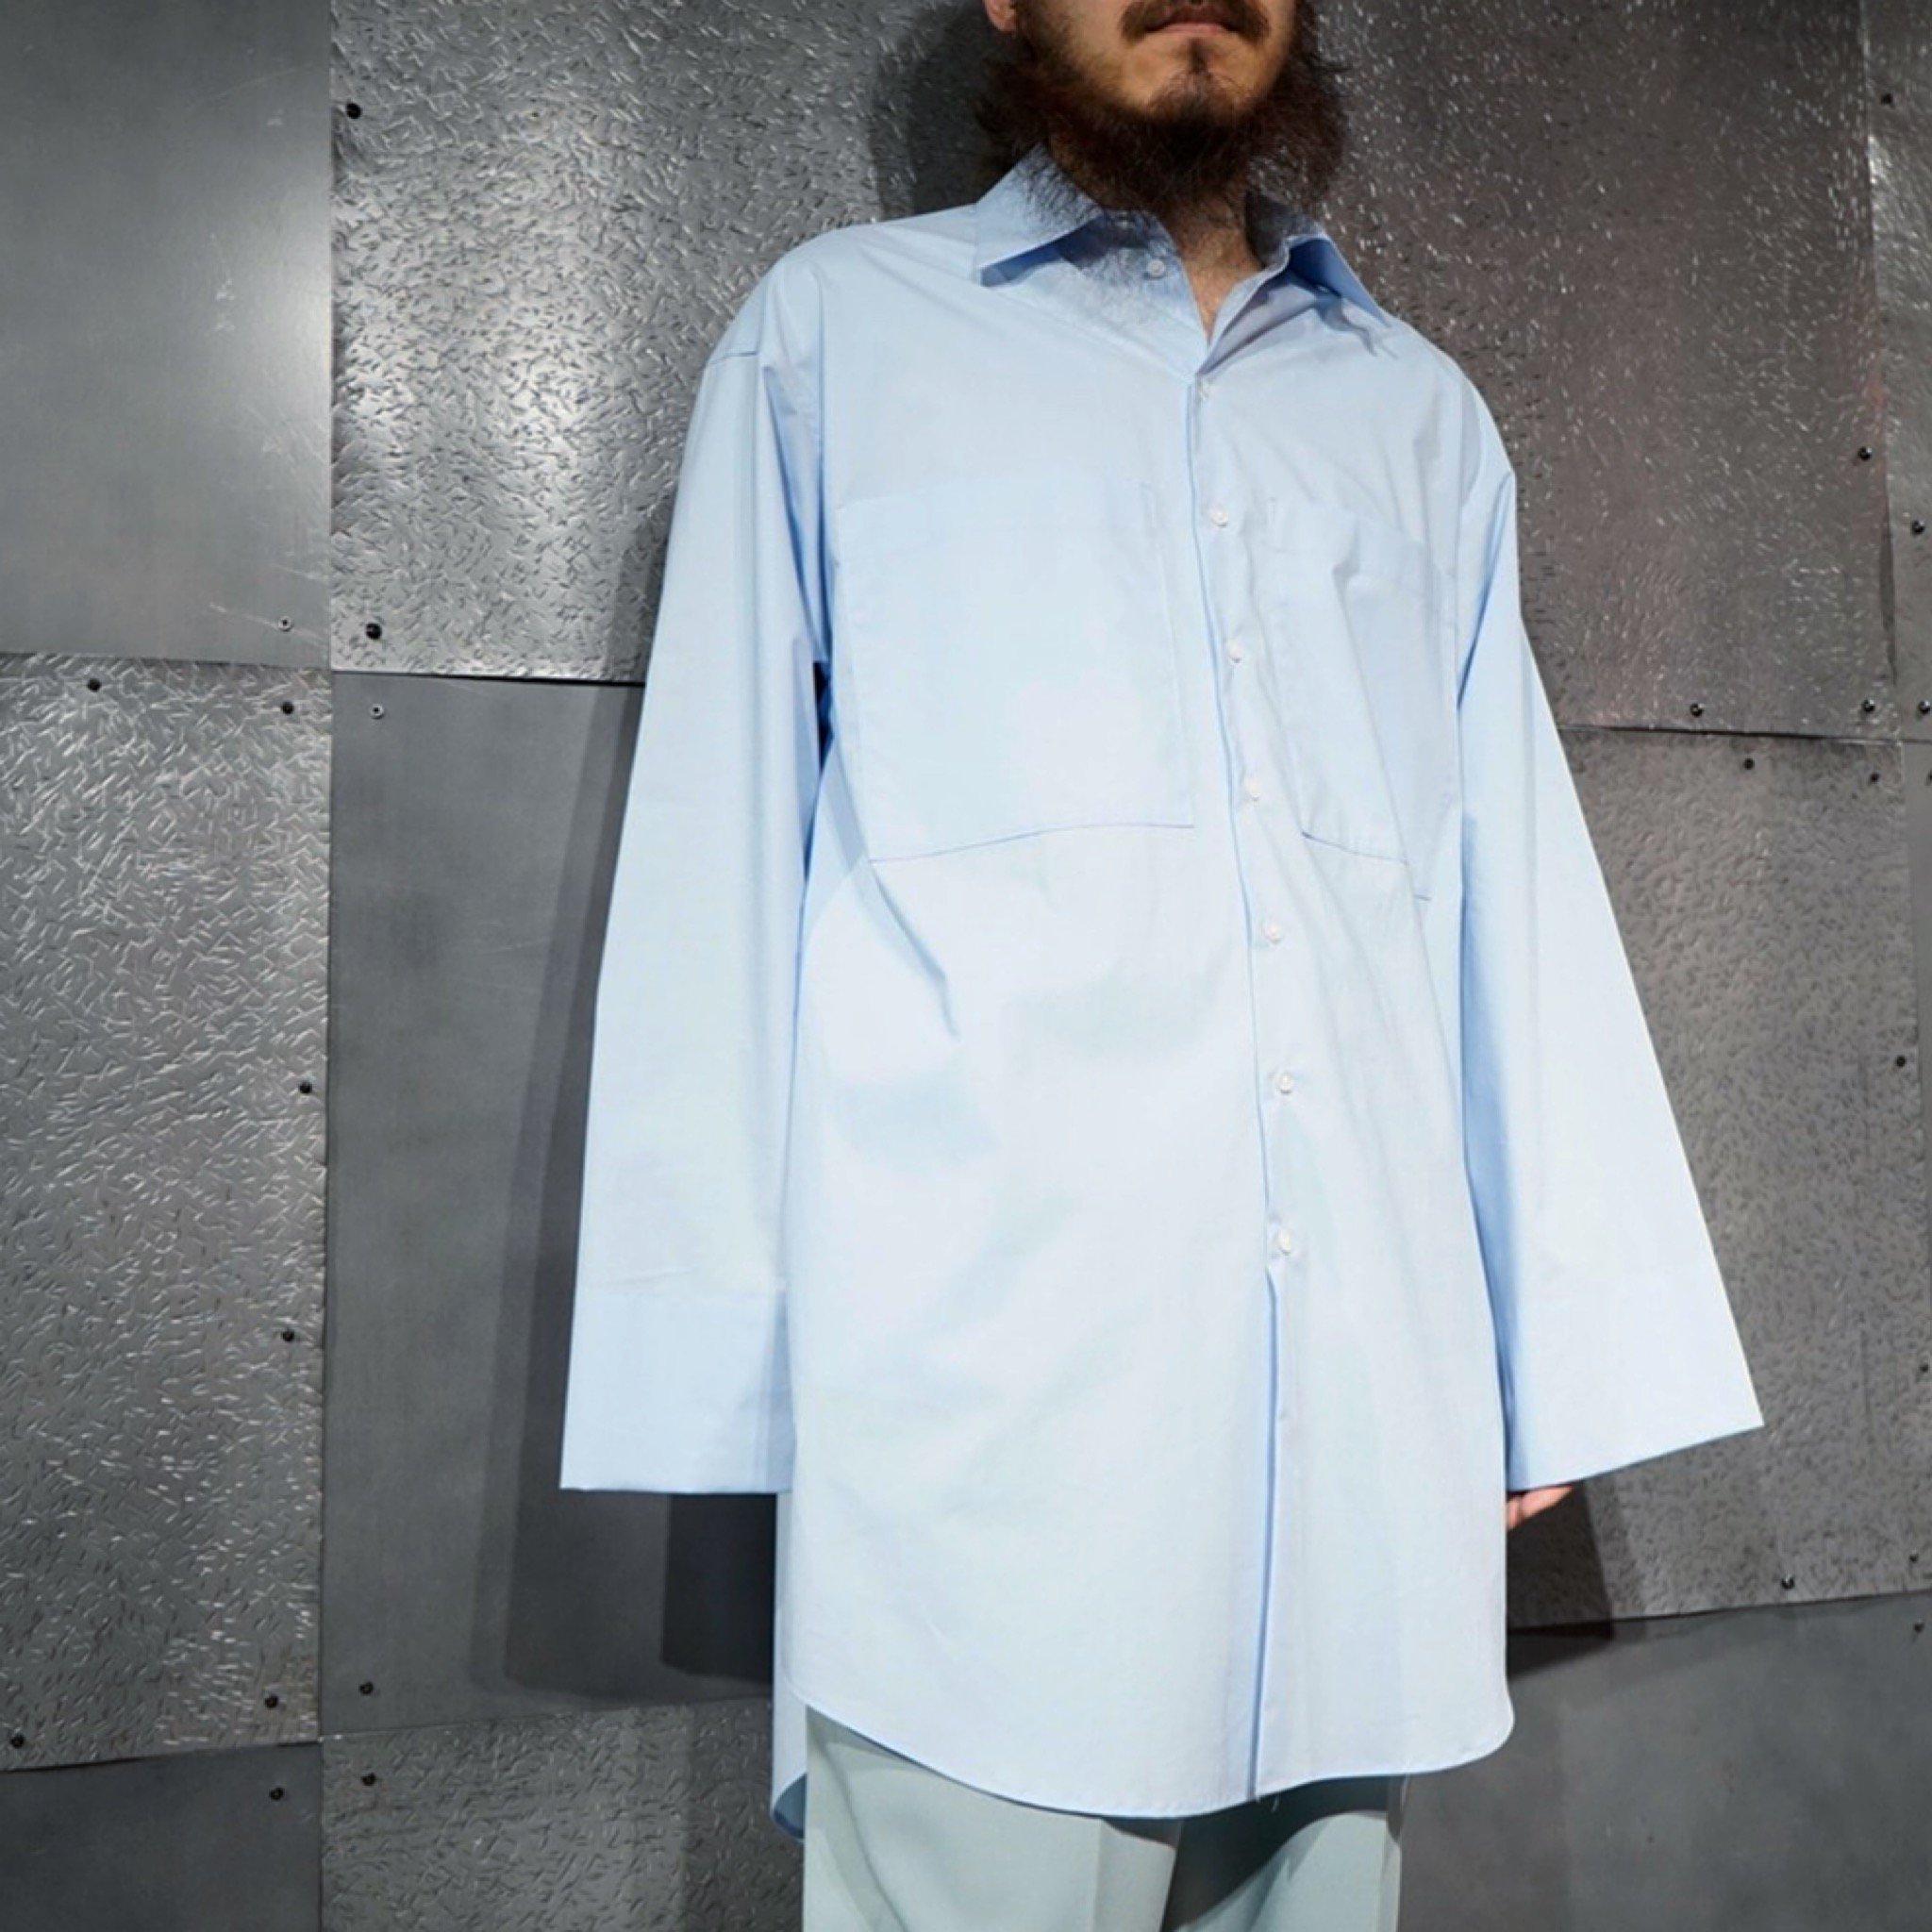 ATHA-<br>スビンコットン ロングシャツ